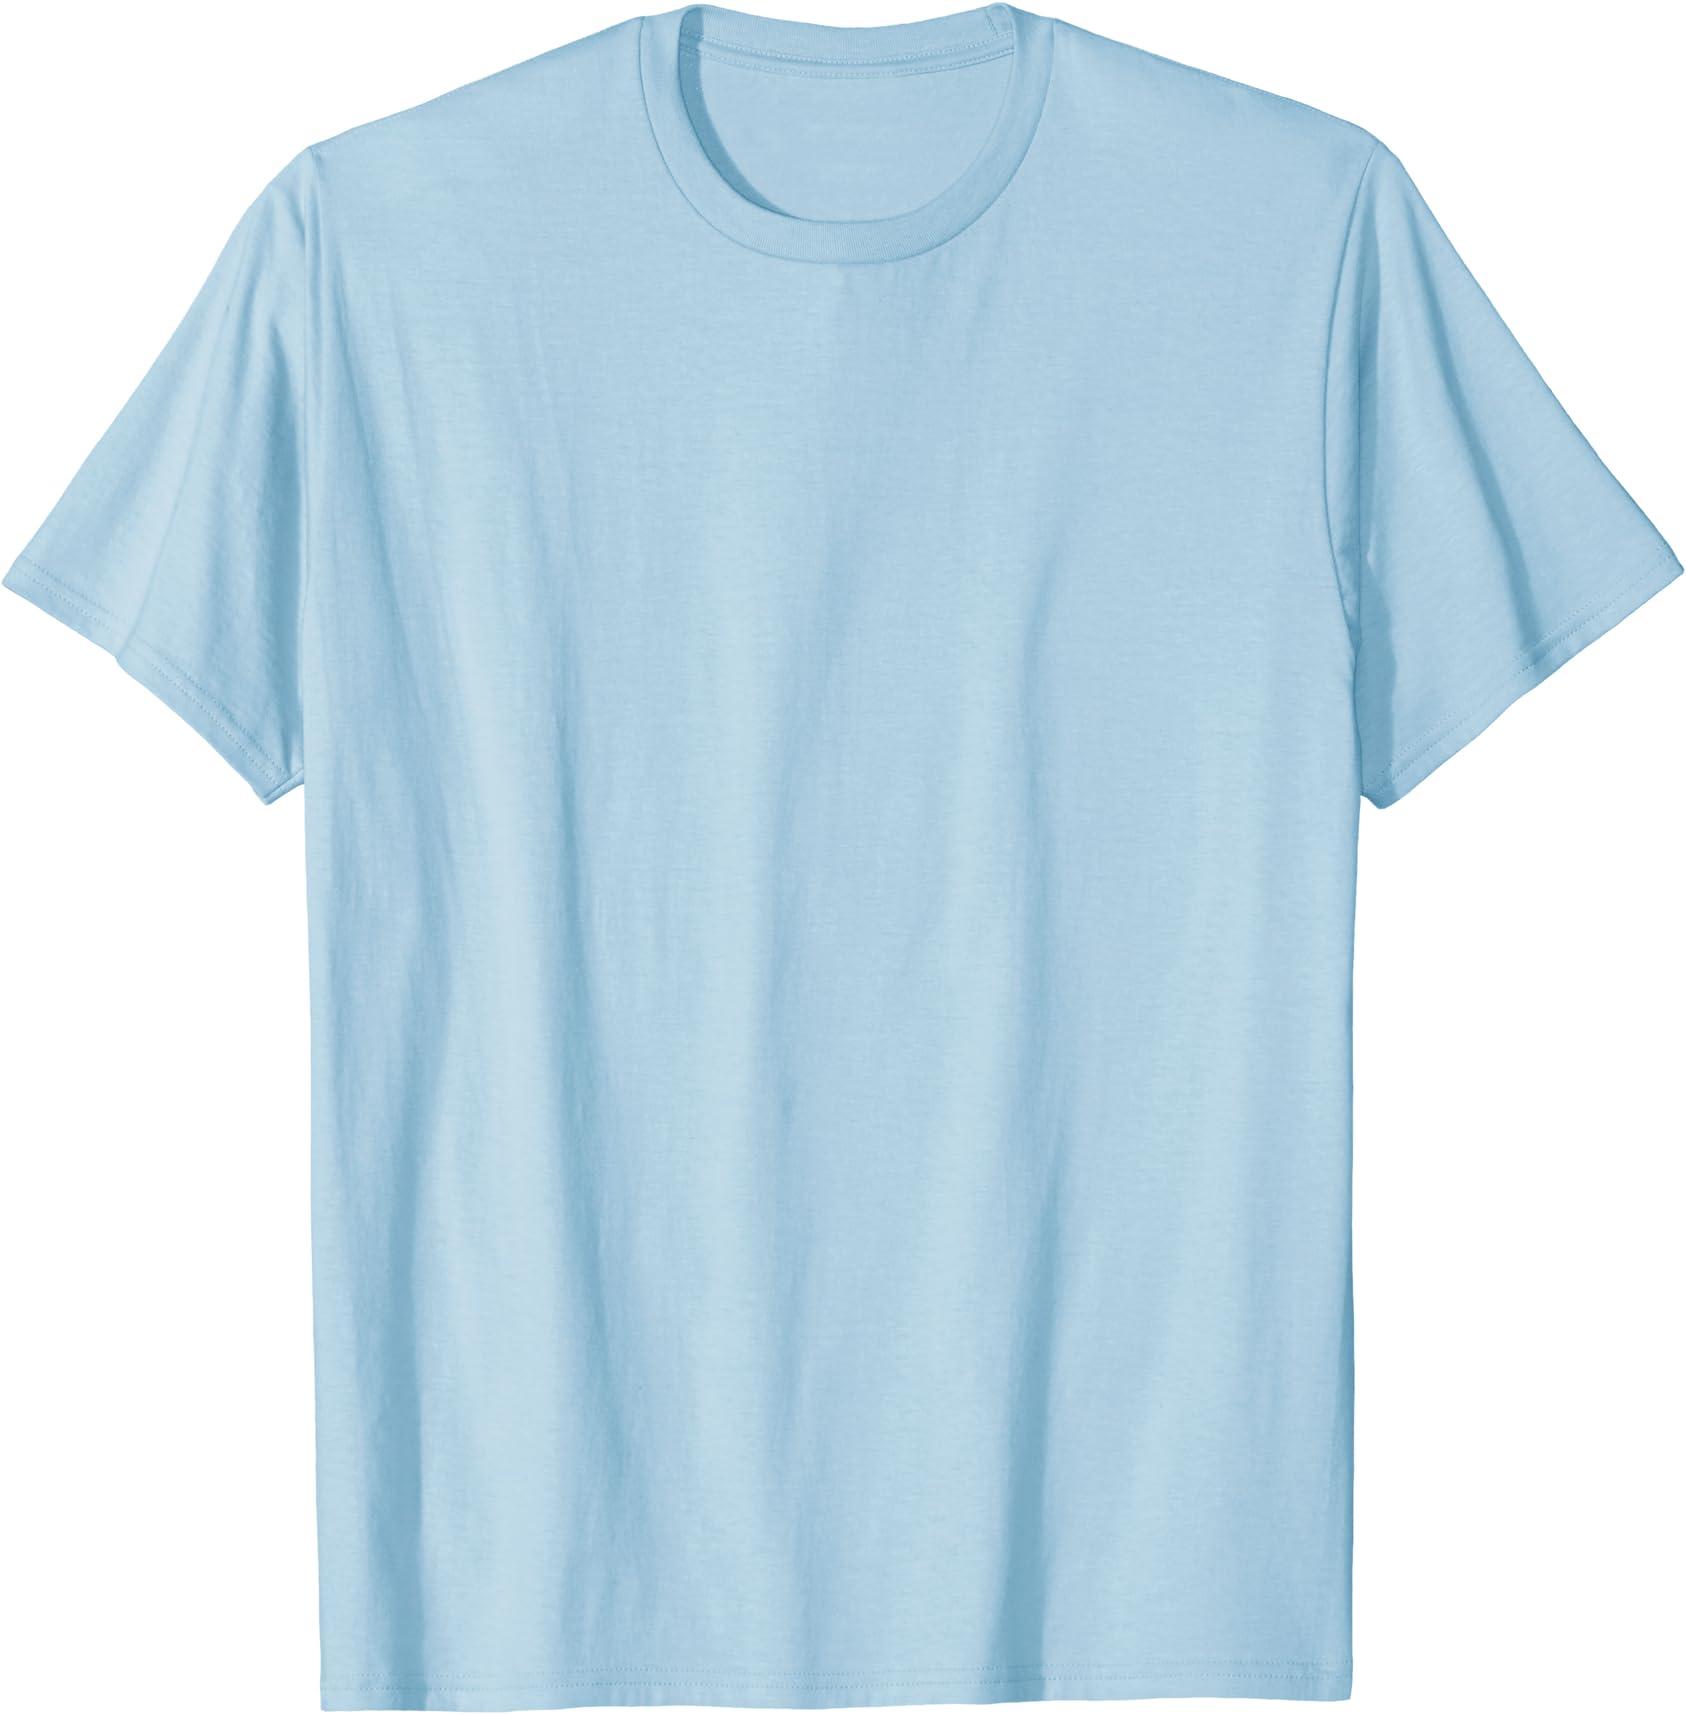 Ya Dingus Mens T-Shirts